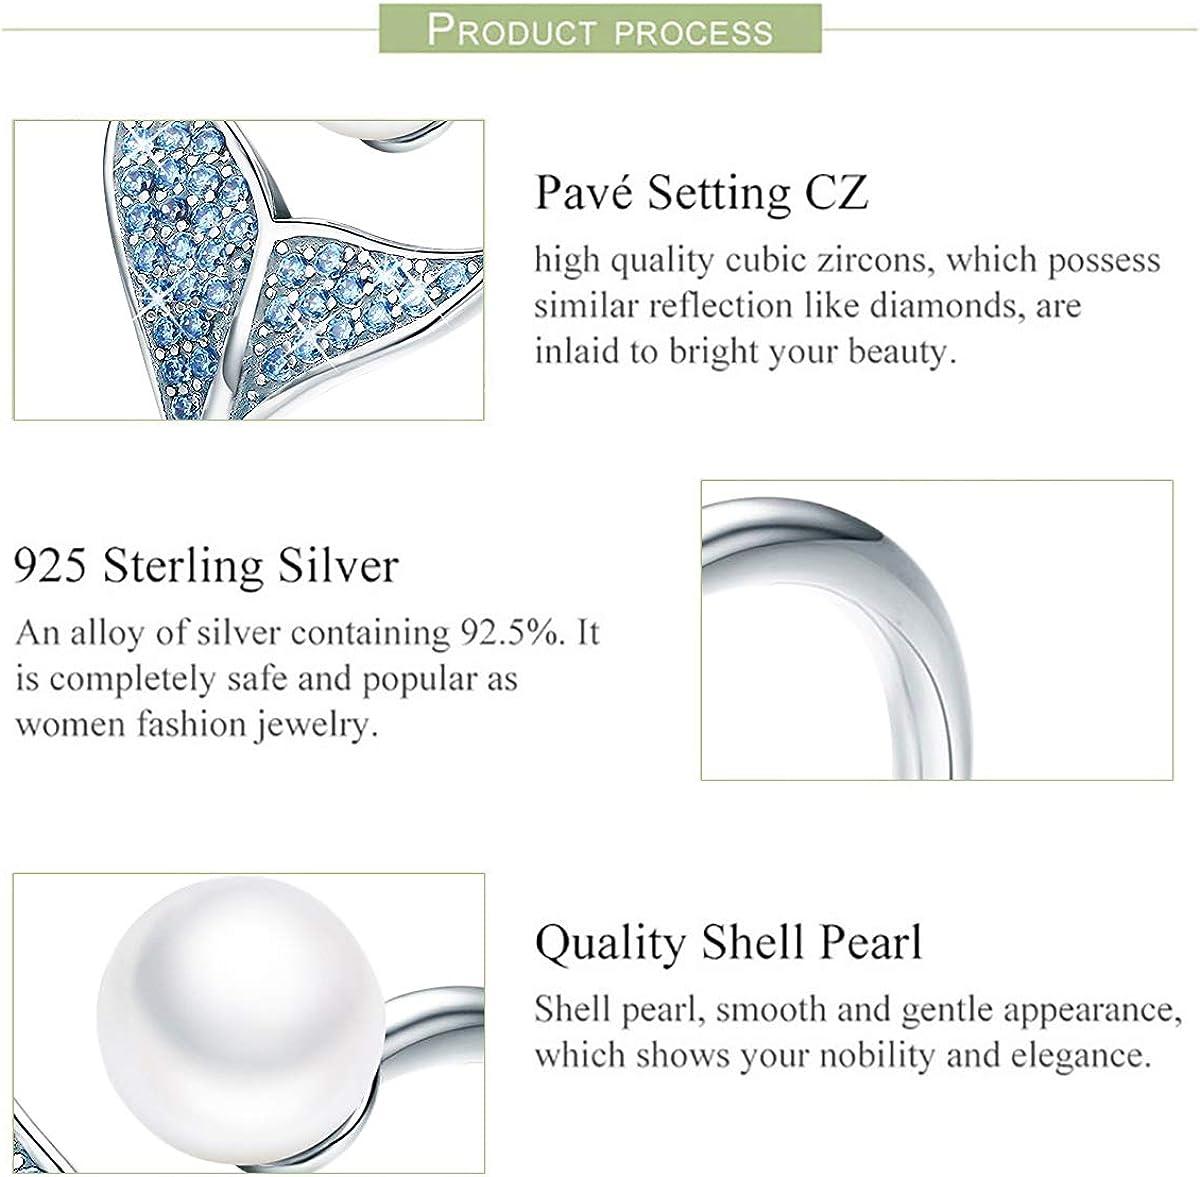 Helen de Lete Shining Rhinestone Snake Big Pearl 925 Sterling Silver Necklace